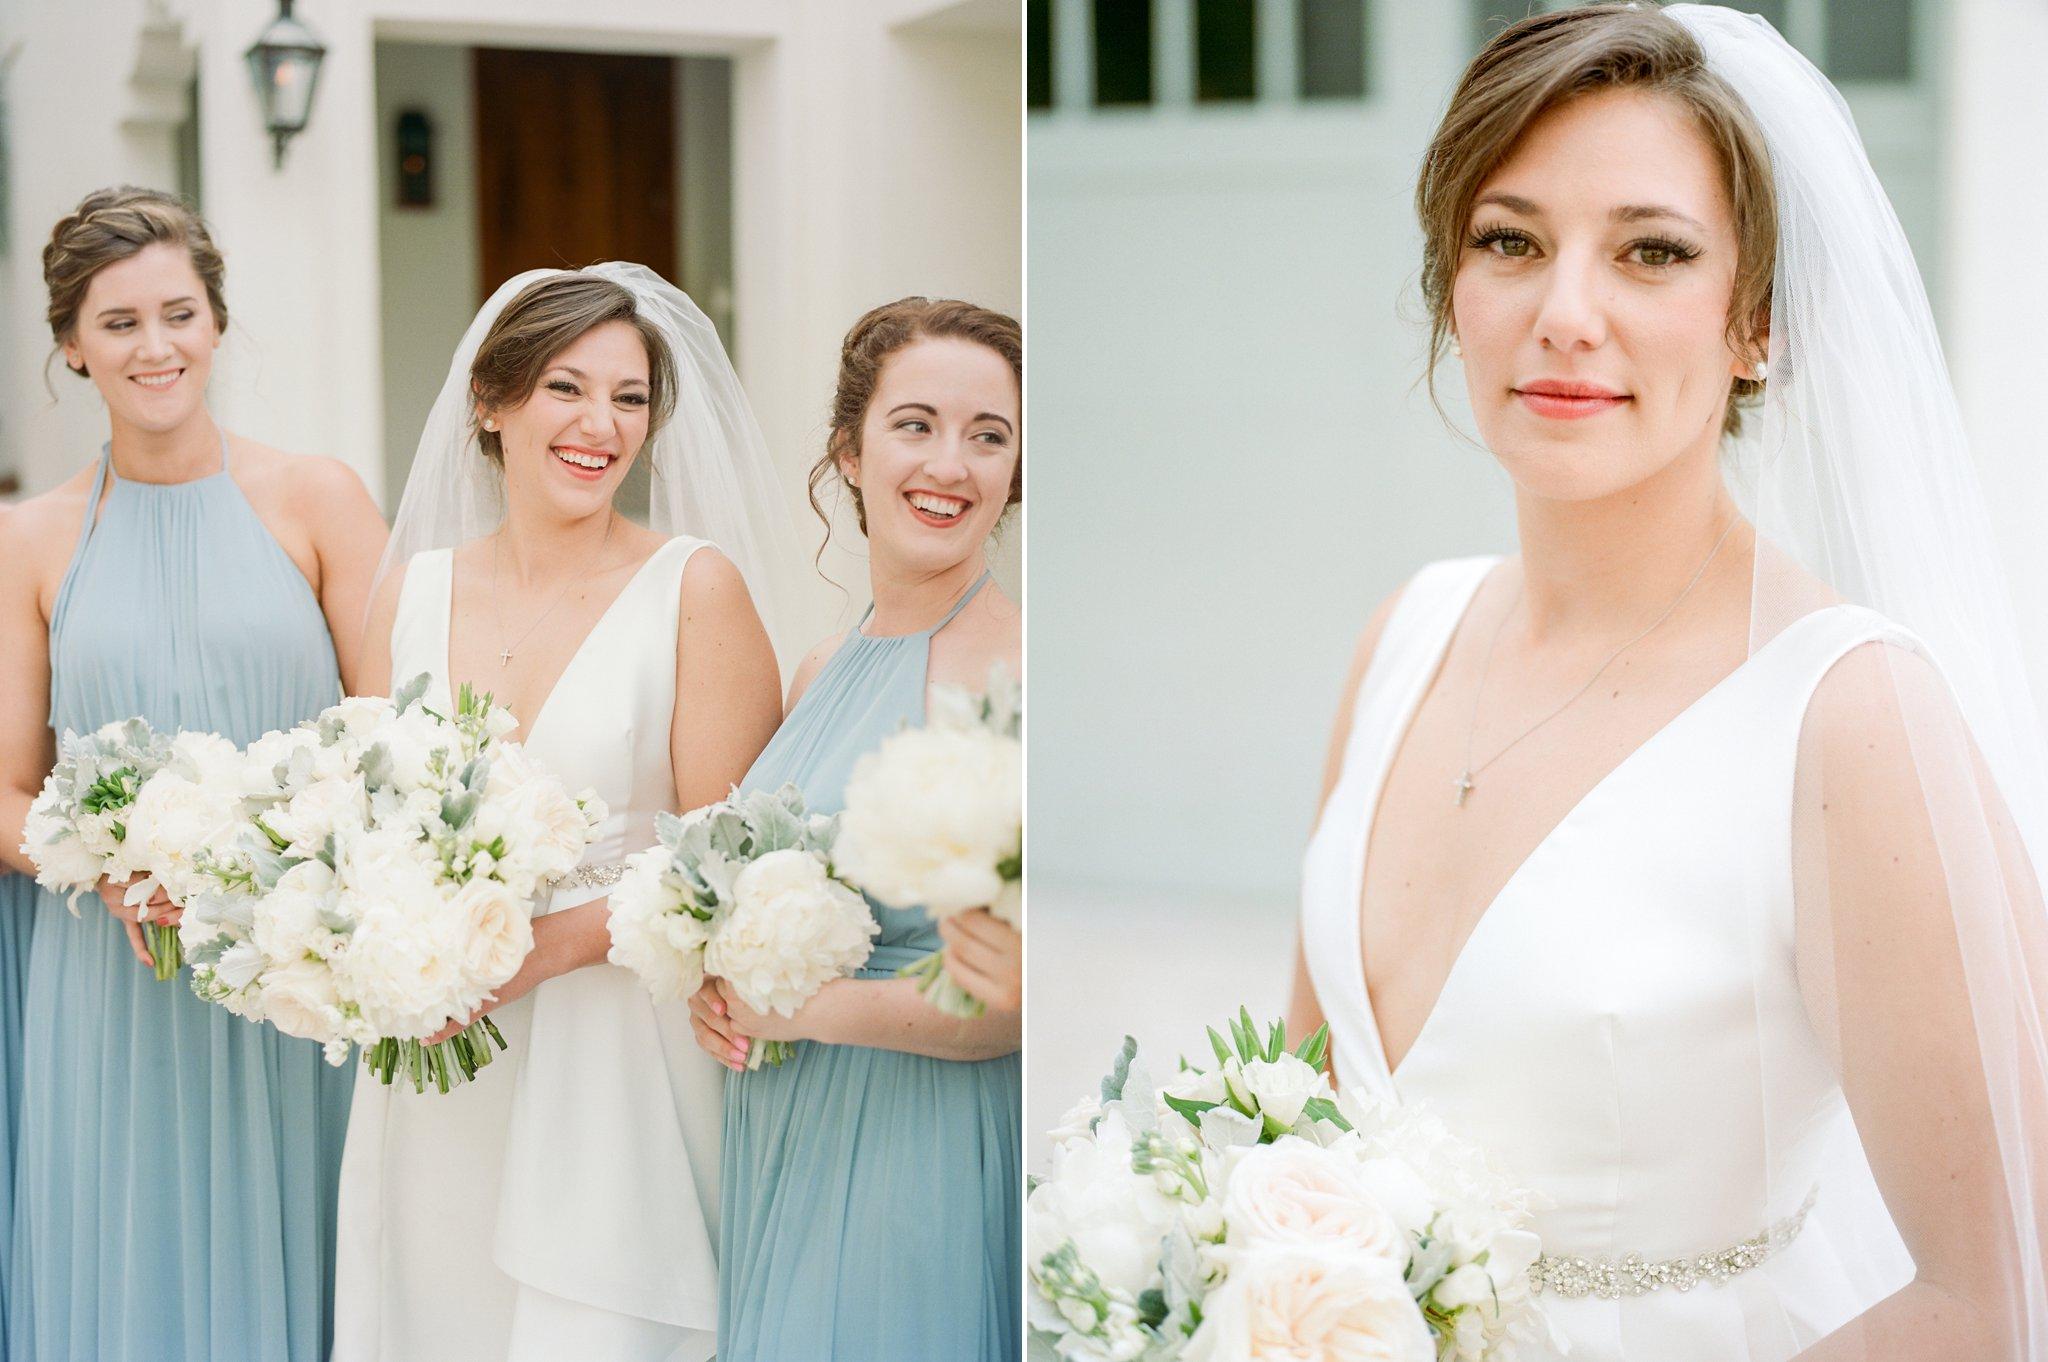 carillon beach wedding photographer shannon griffin photographer_0078.jpg